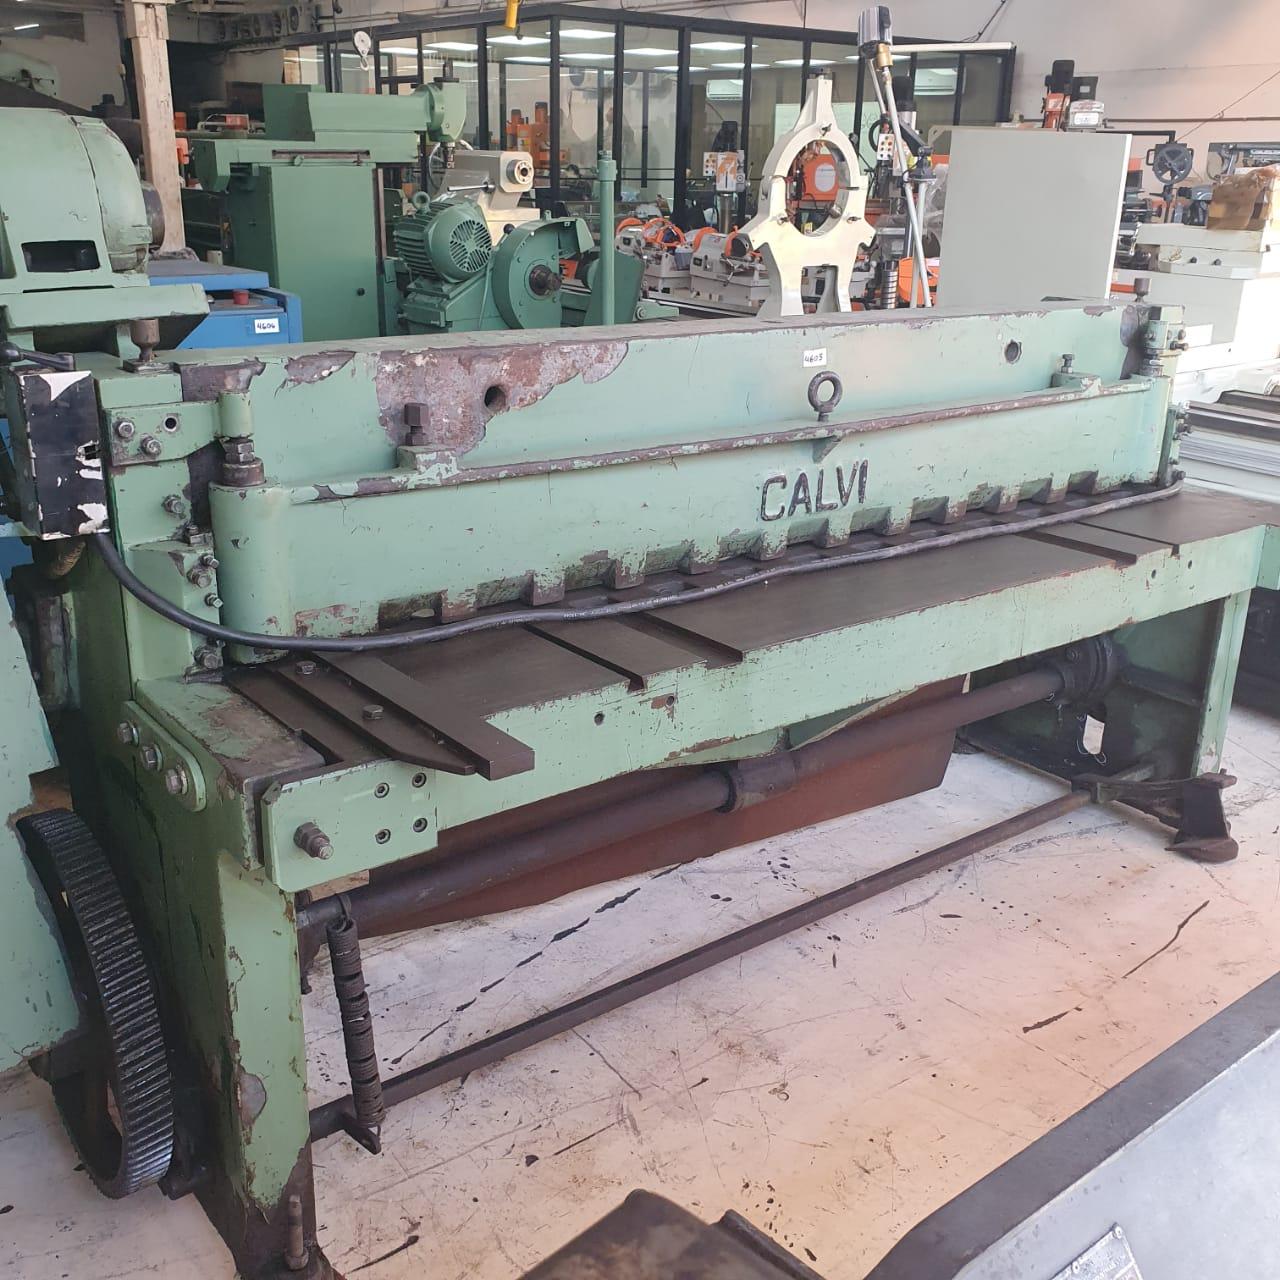 Guilhotina Mecanica, Marca Calvi, Modelo TR-2050, Capacidade 1/8 x 2000, Com Batente Trazeiro - 220V - Usada  - Atlasmaq